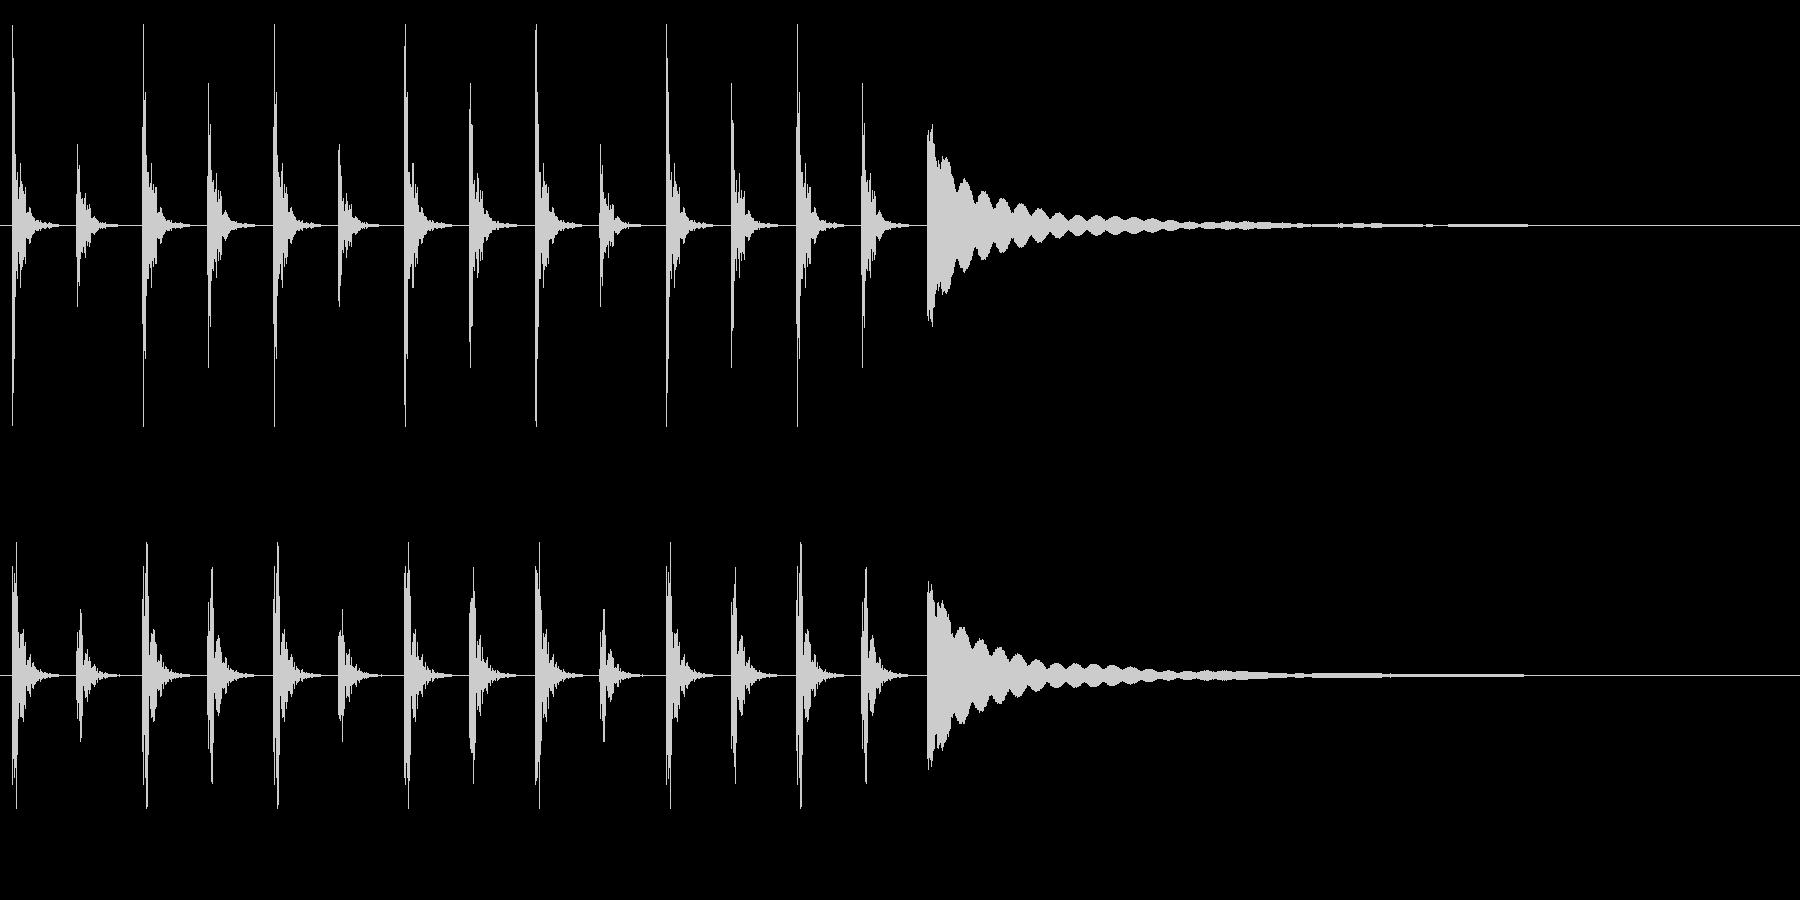 ポクポクチン2木魚シンキングタイム10秒の未再生の波形